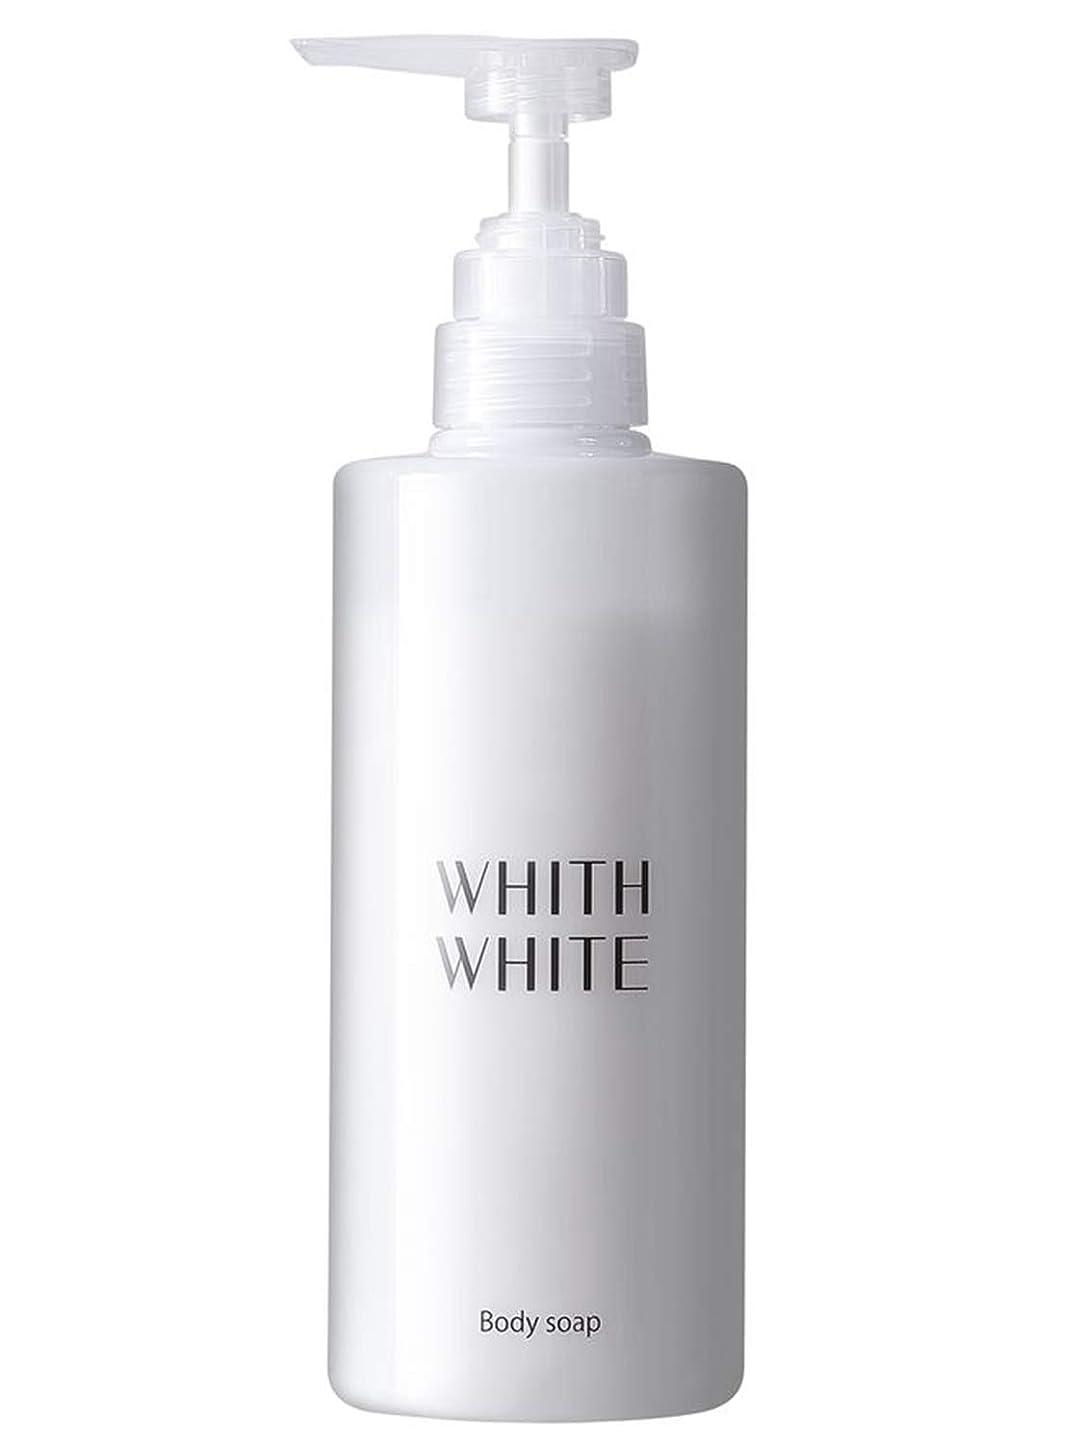 アクロバット宿泊病的フィス ホワイト ボディソープ 【 エレガントフローラルのいい香り 】 無添加 保湿 ボディーソープ 「 泡で黒ずみ さっぱり ボディシャンプー 」「 ヒアルロン酸 コラーゲン セラミド 配合」450ml